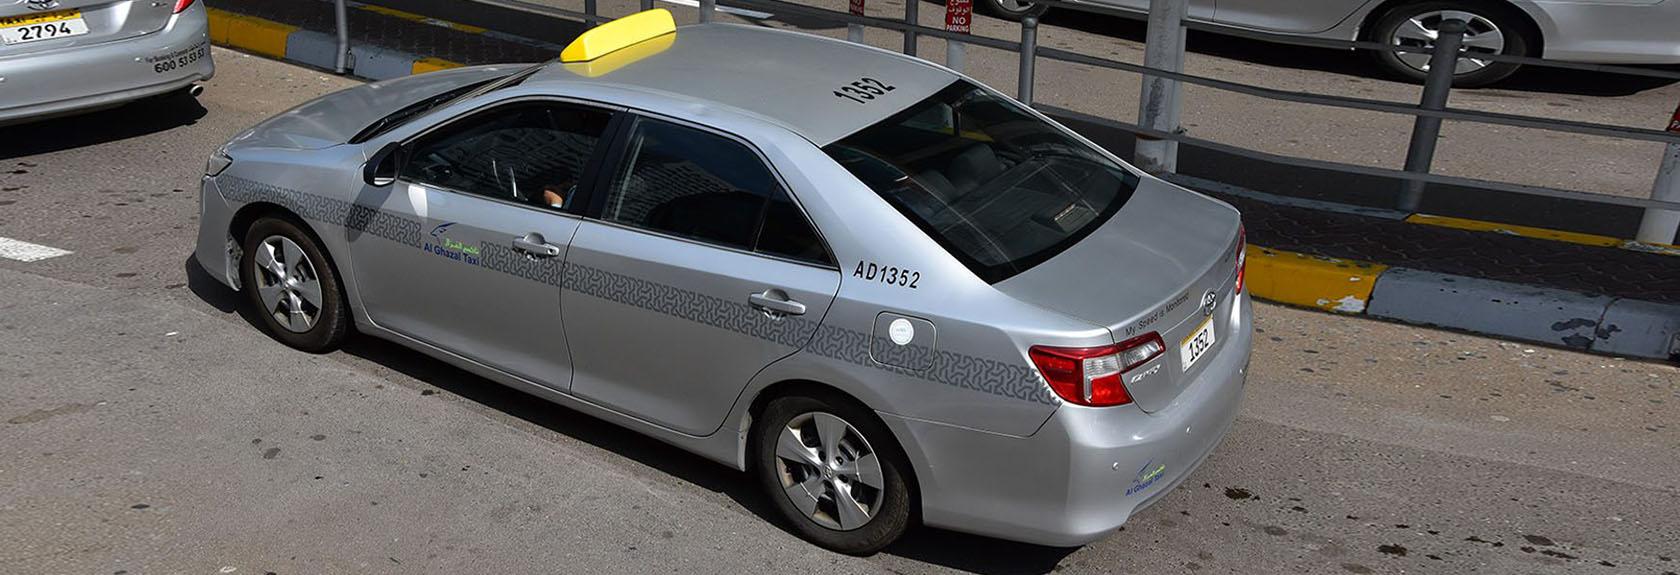 Taxi in Abu Dhabi